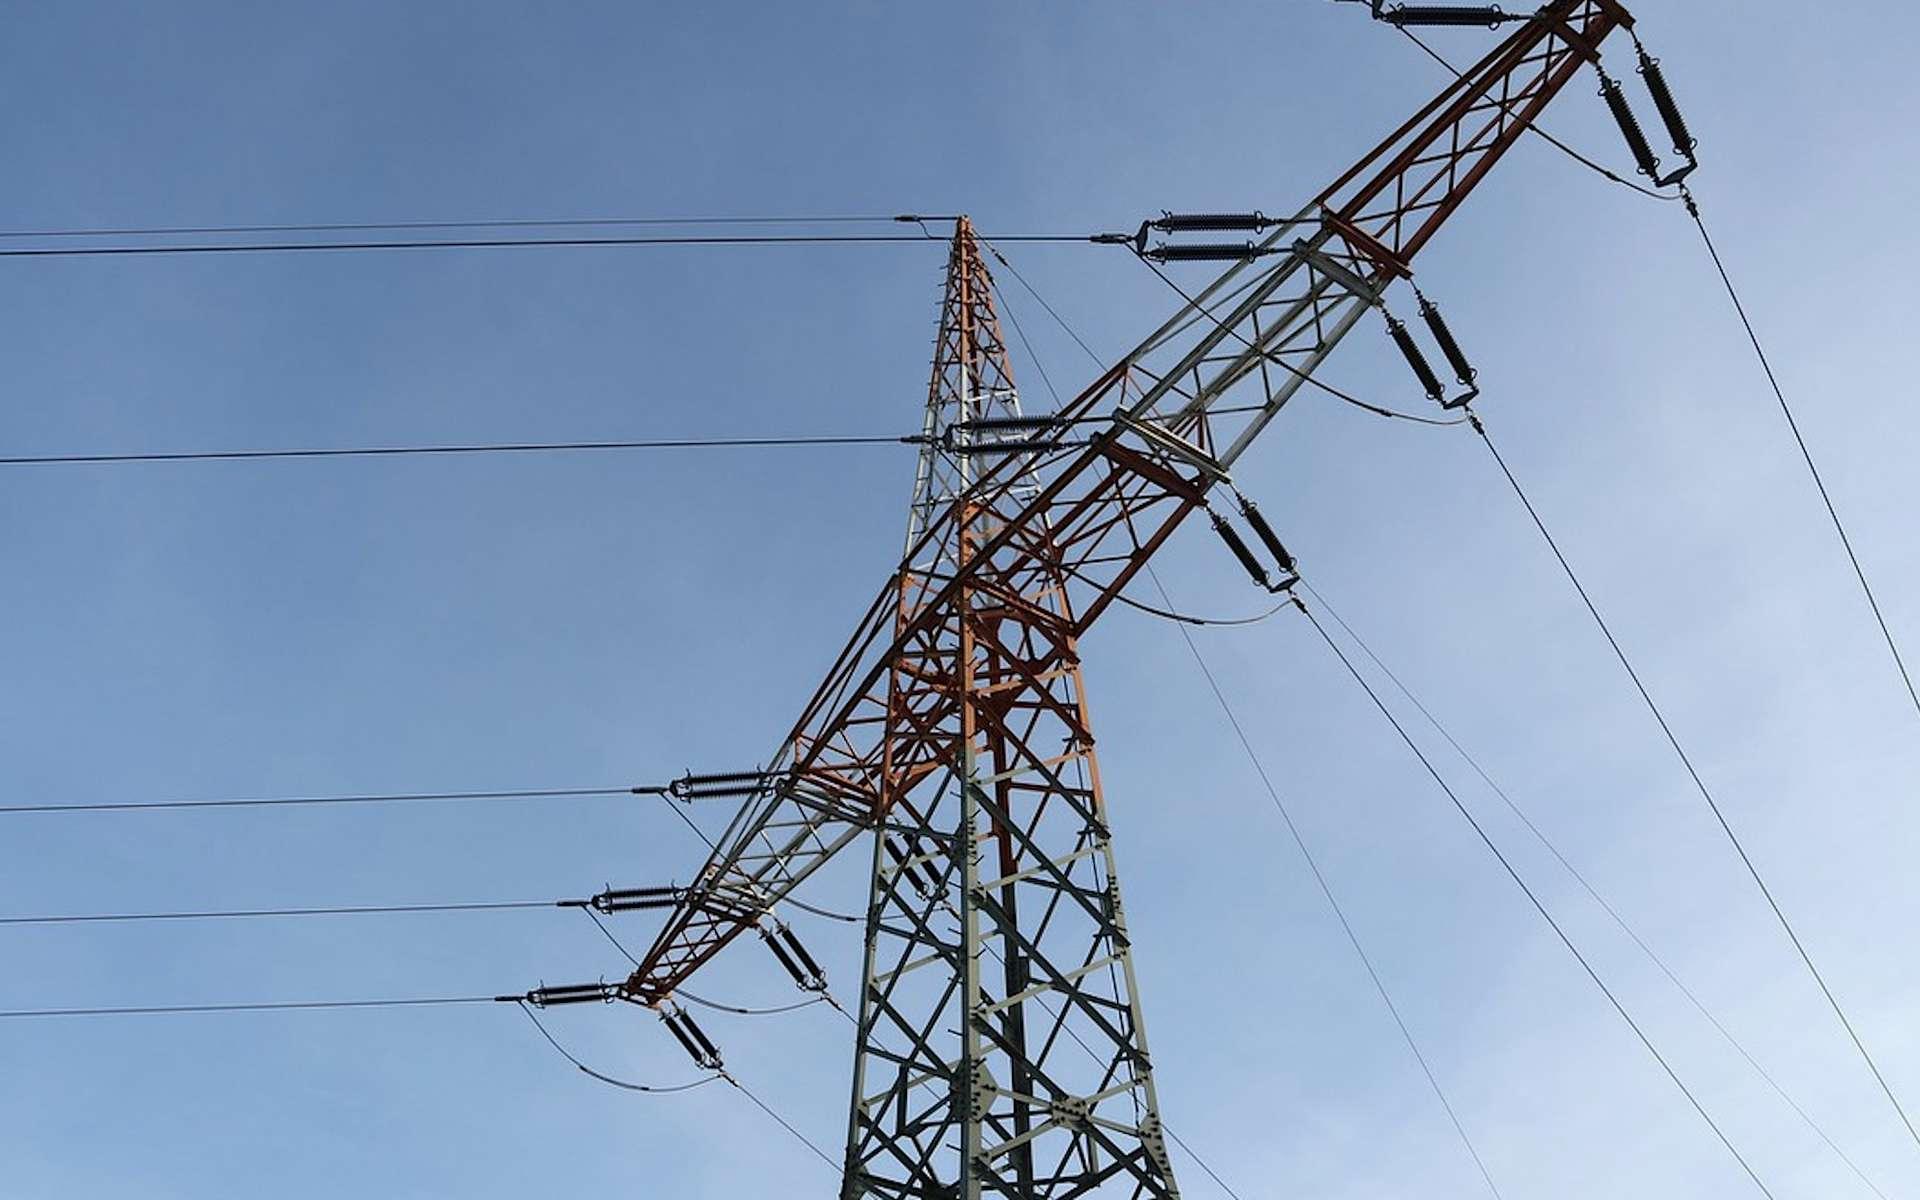 Un botnet de 50.000 appareils connectés énergivores suffirait à influencer les prix du marché de l'électricité. © Hello Watt